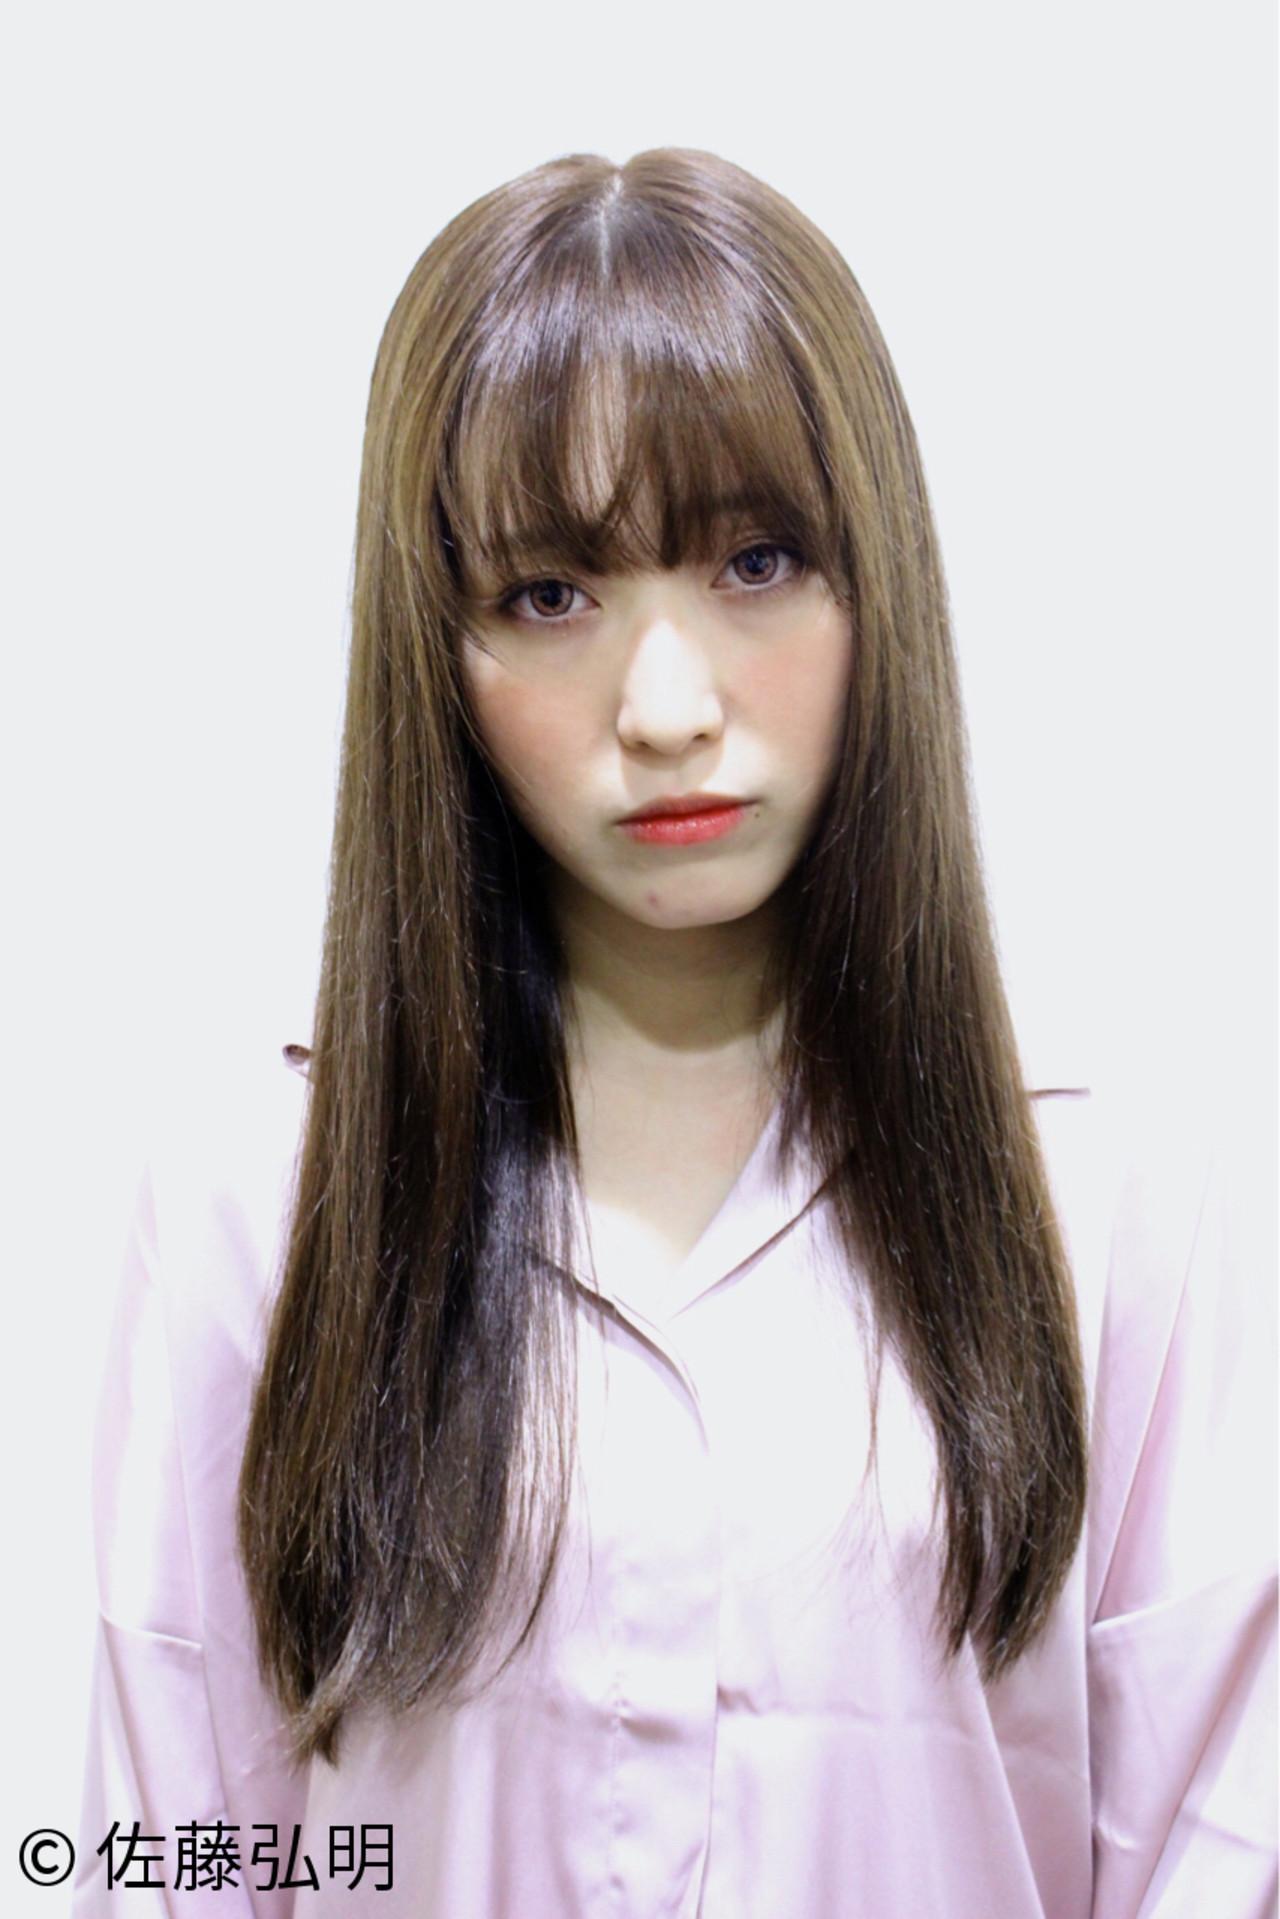 ロングストレートの髪型の芸能人といえば 佐藤弘明 | pepermoon